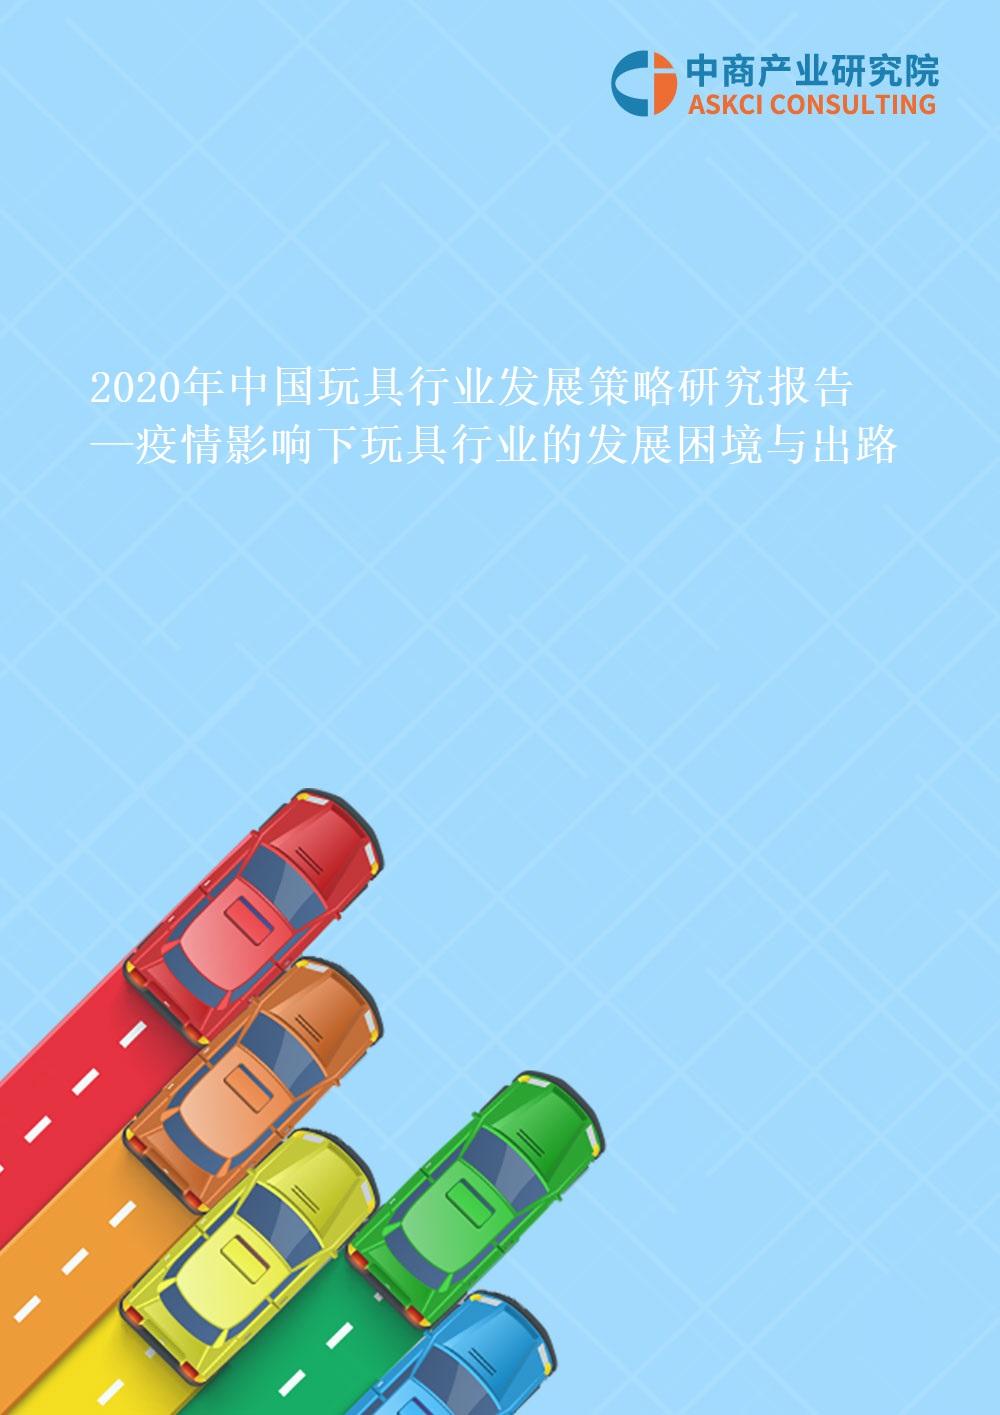 2020年中国玩具行业发展策略研究报告